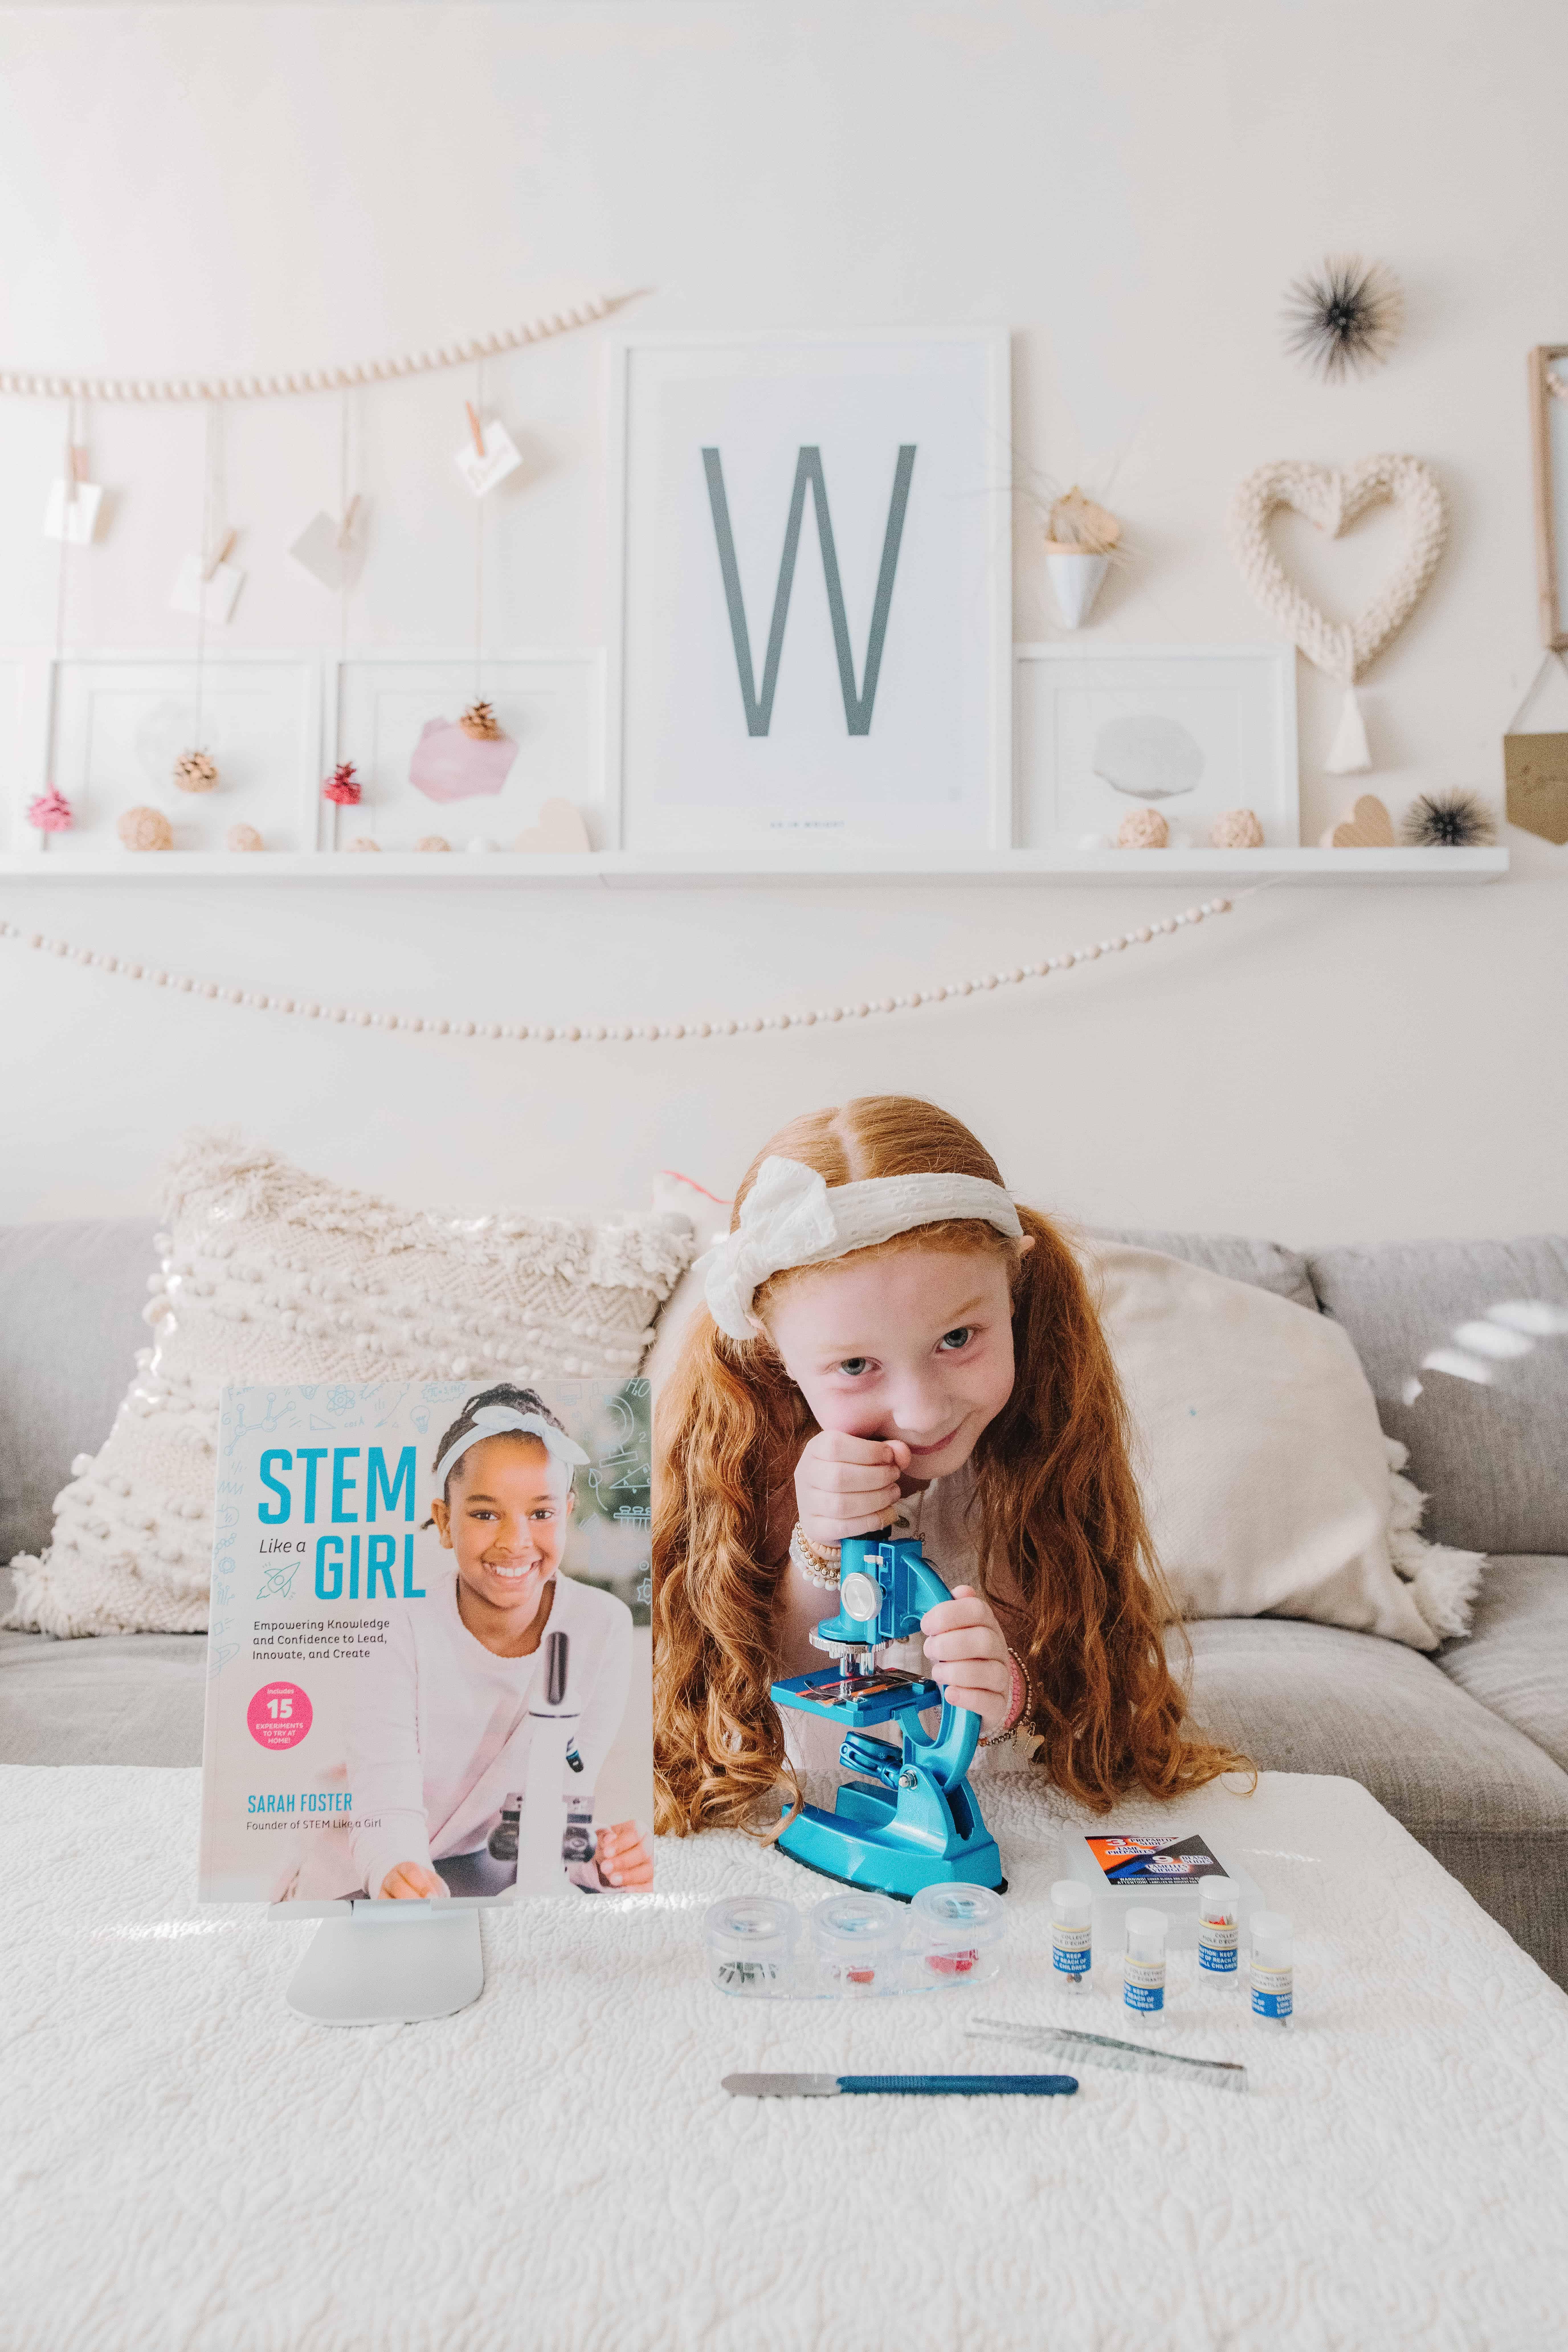 STEM Like A Girl Book